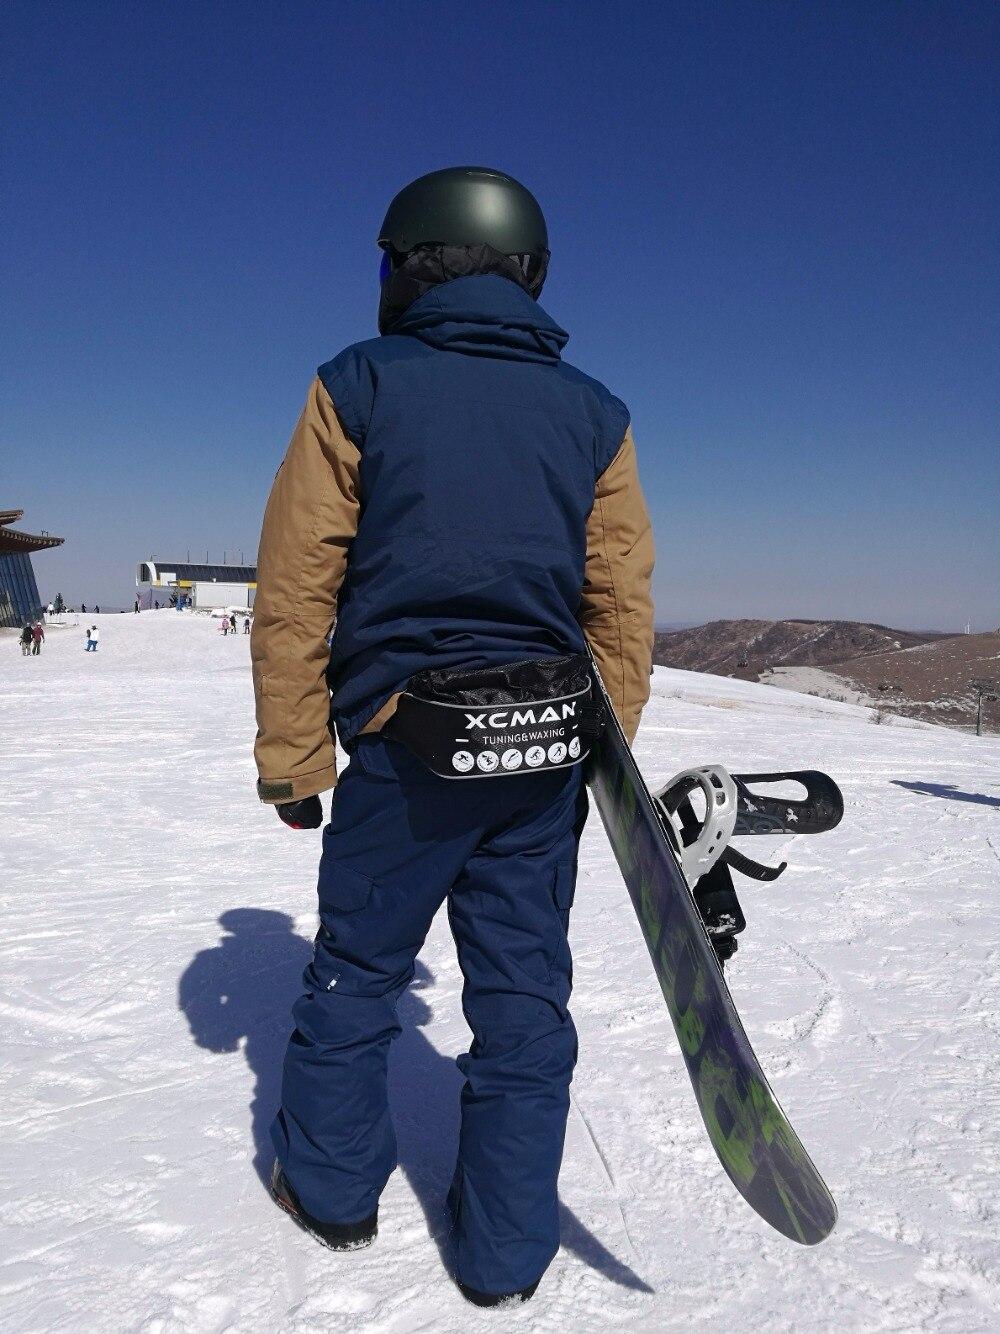 Image 5 - XCMAN Изолированная бутылка с ремнем для напитков XC с карманом для кипения жидкостей сверхмощный термо 1 литр-in Лыжные палки from Спорт и развлечения